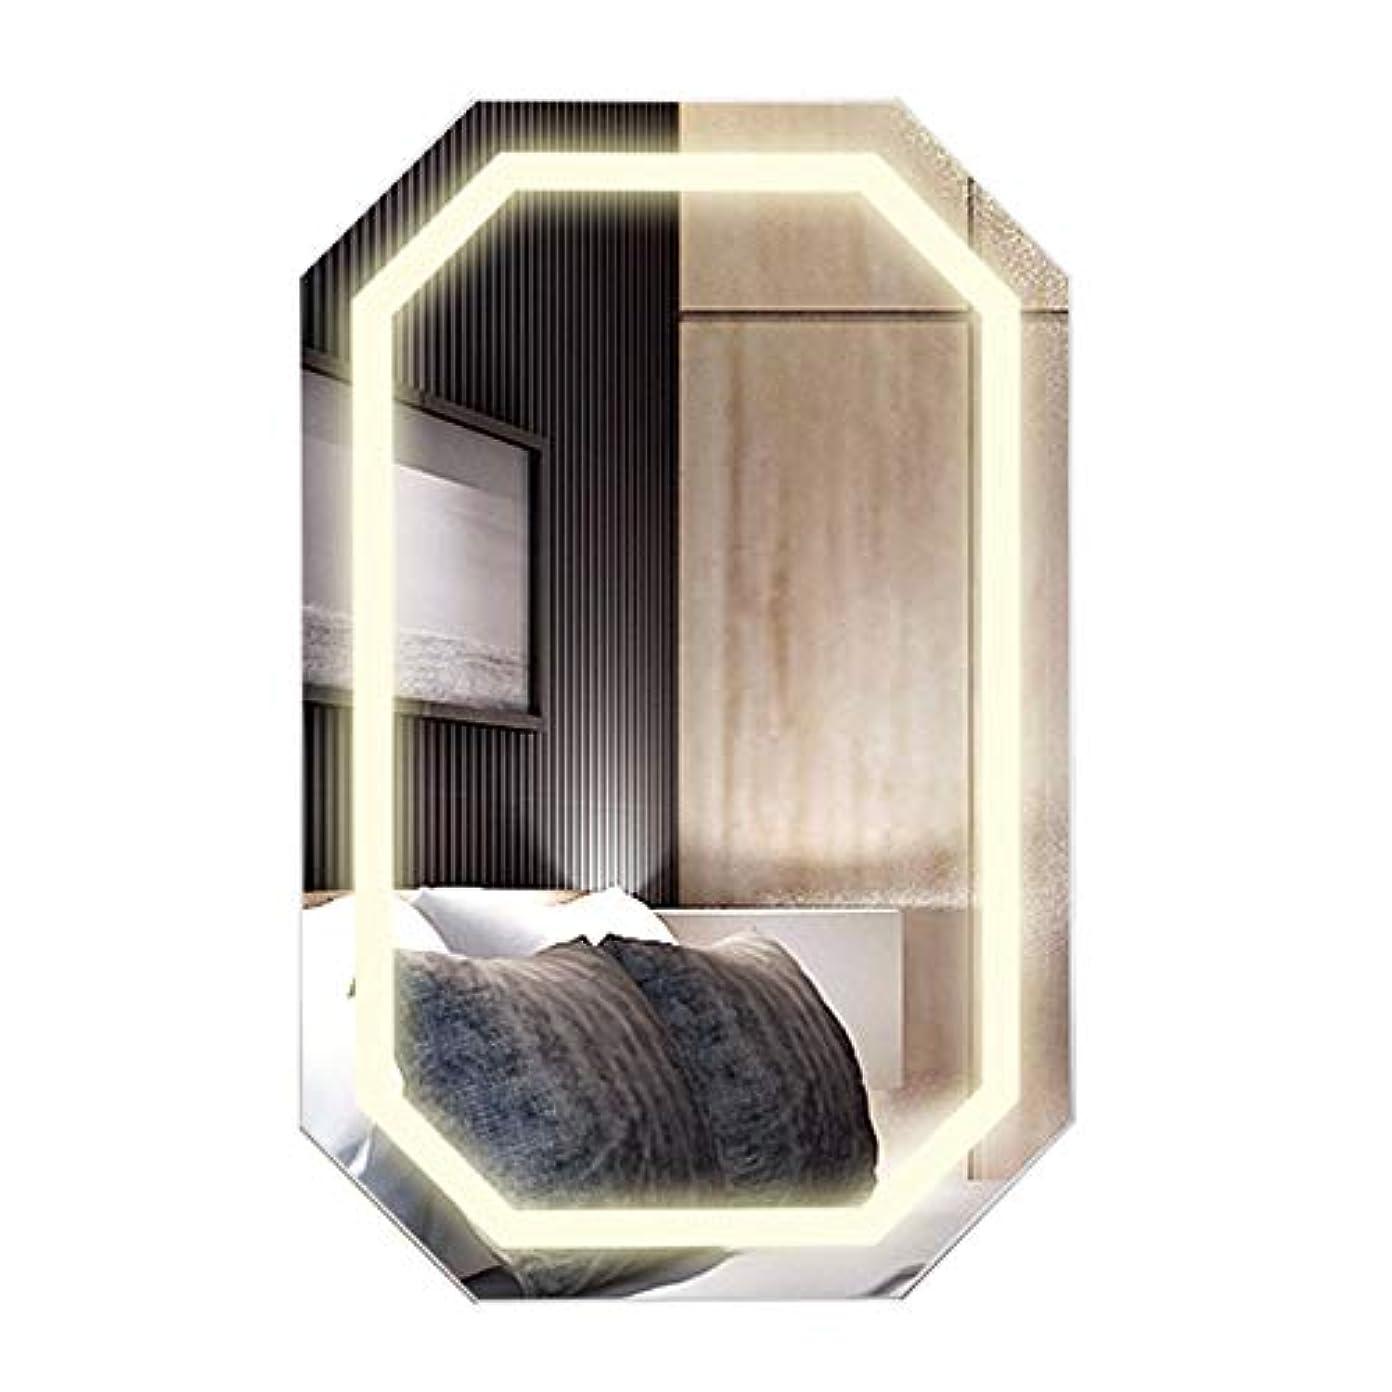 魅力海賊逮捕化粧品ホルダー、壁掛け化粧鏡、寝室浴室多機能ストレージミラーキャビネット、木製家庭用スマートLedランプジュエリーキャビネットNayang Store